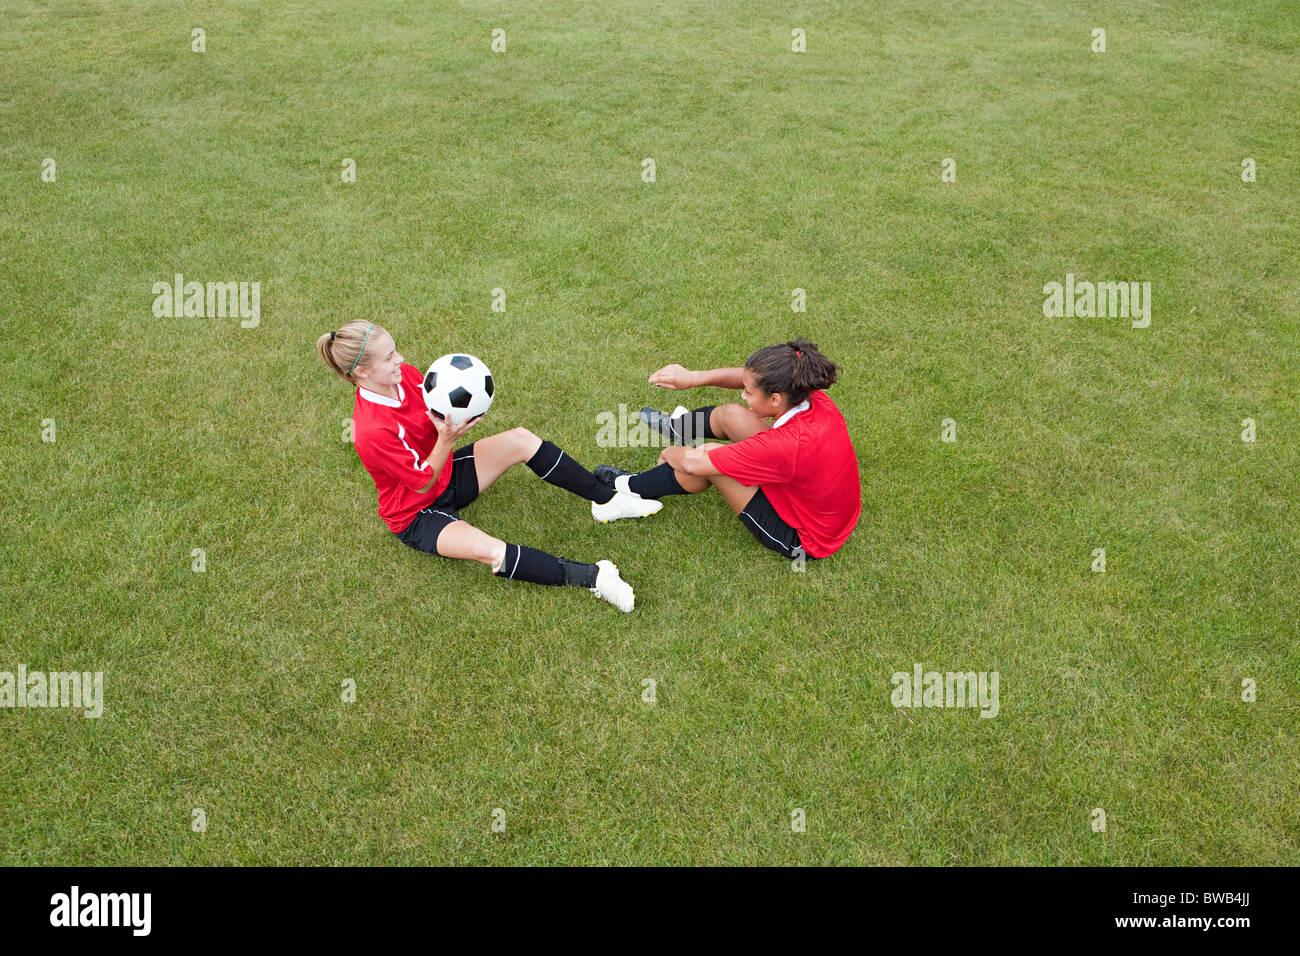 Le ragazze facendo pratica di calcio Immagini Stock